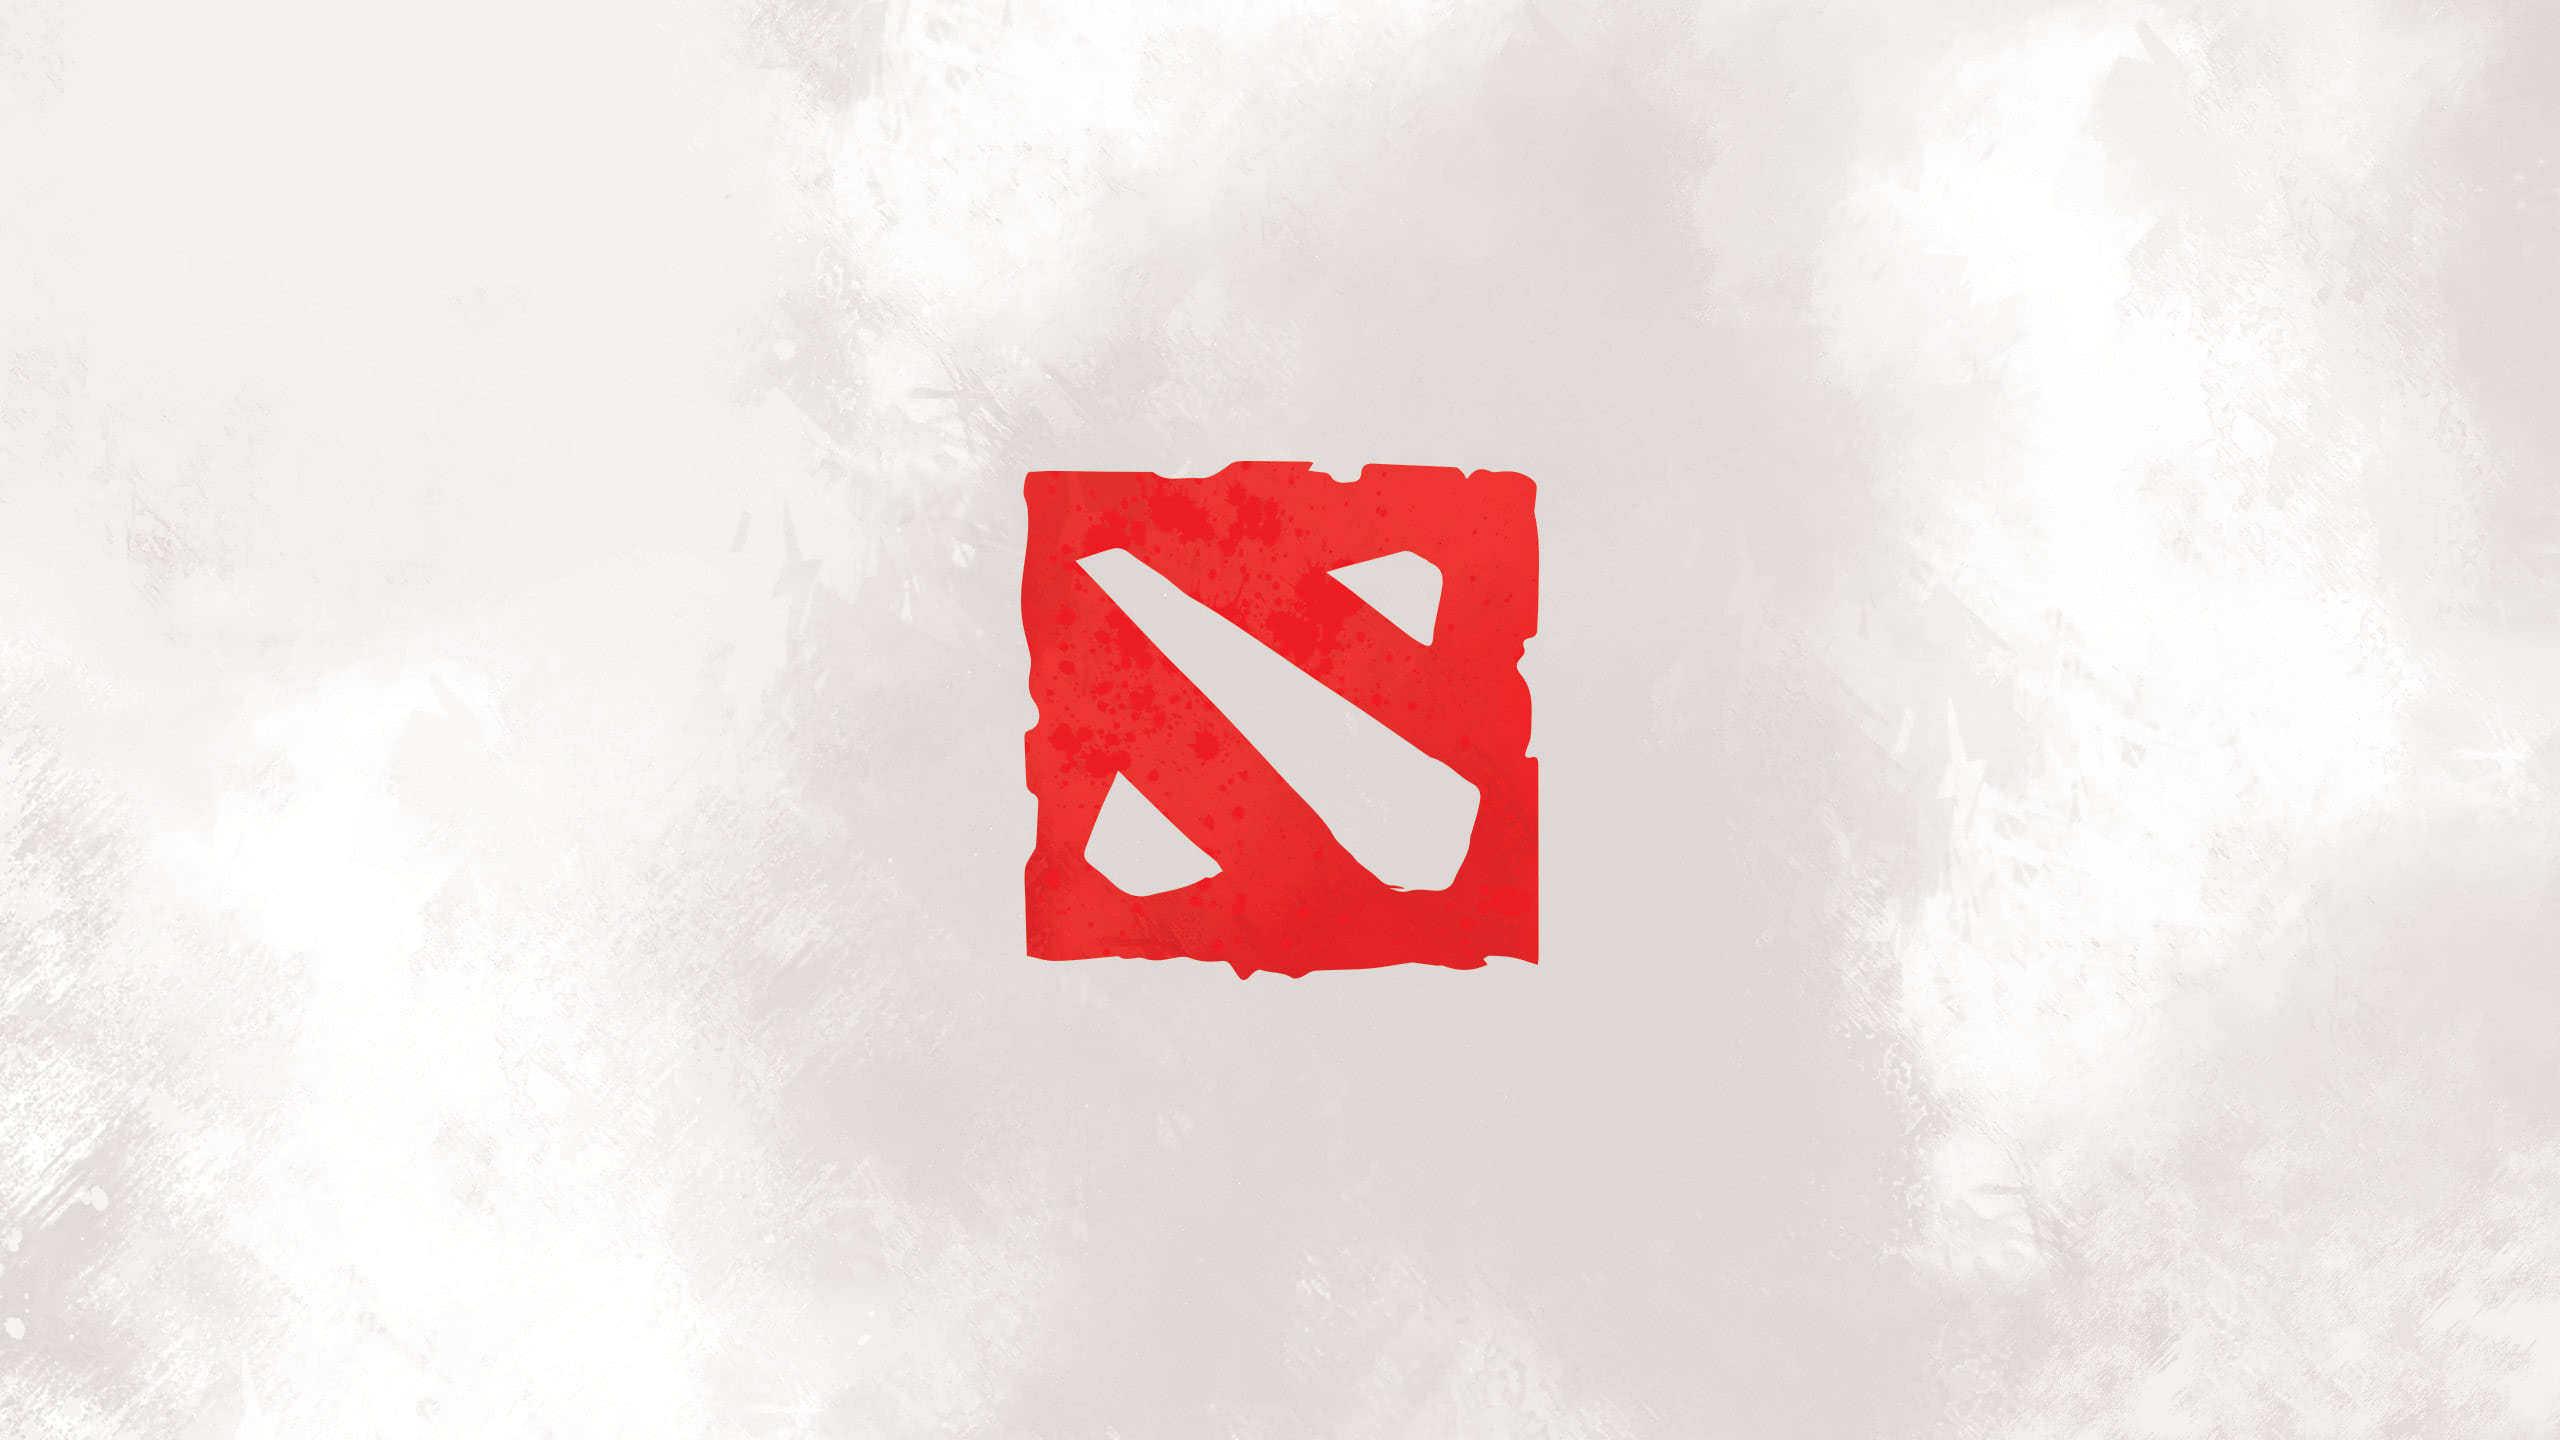 Dota 2 Logo Wqhd 1440p Wallpaper Pixelz